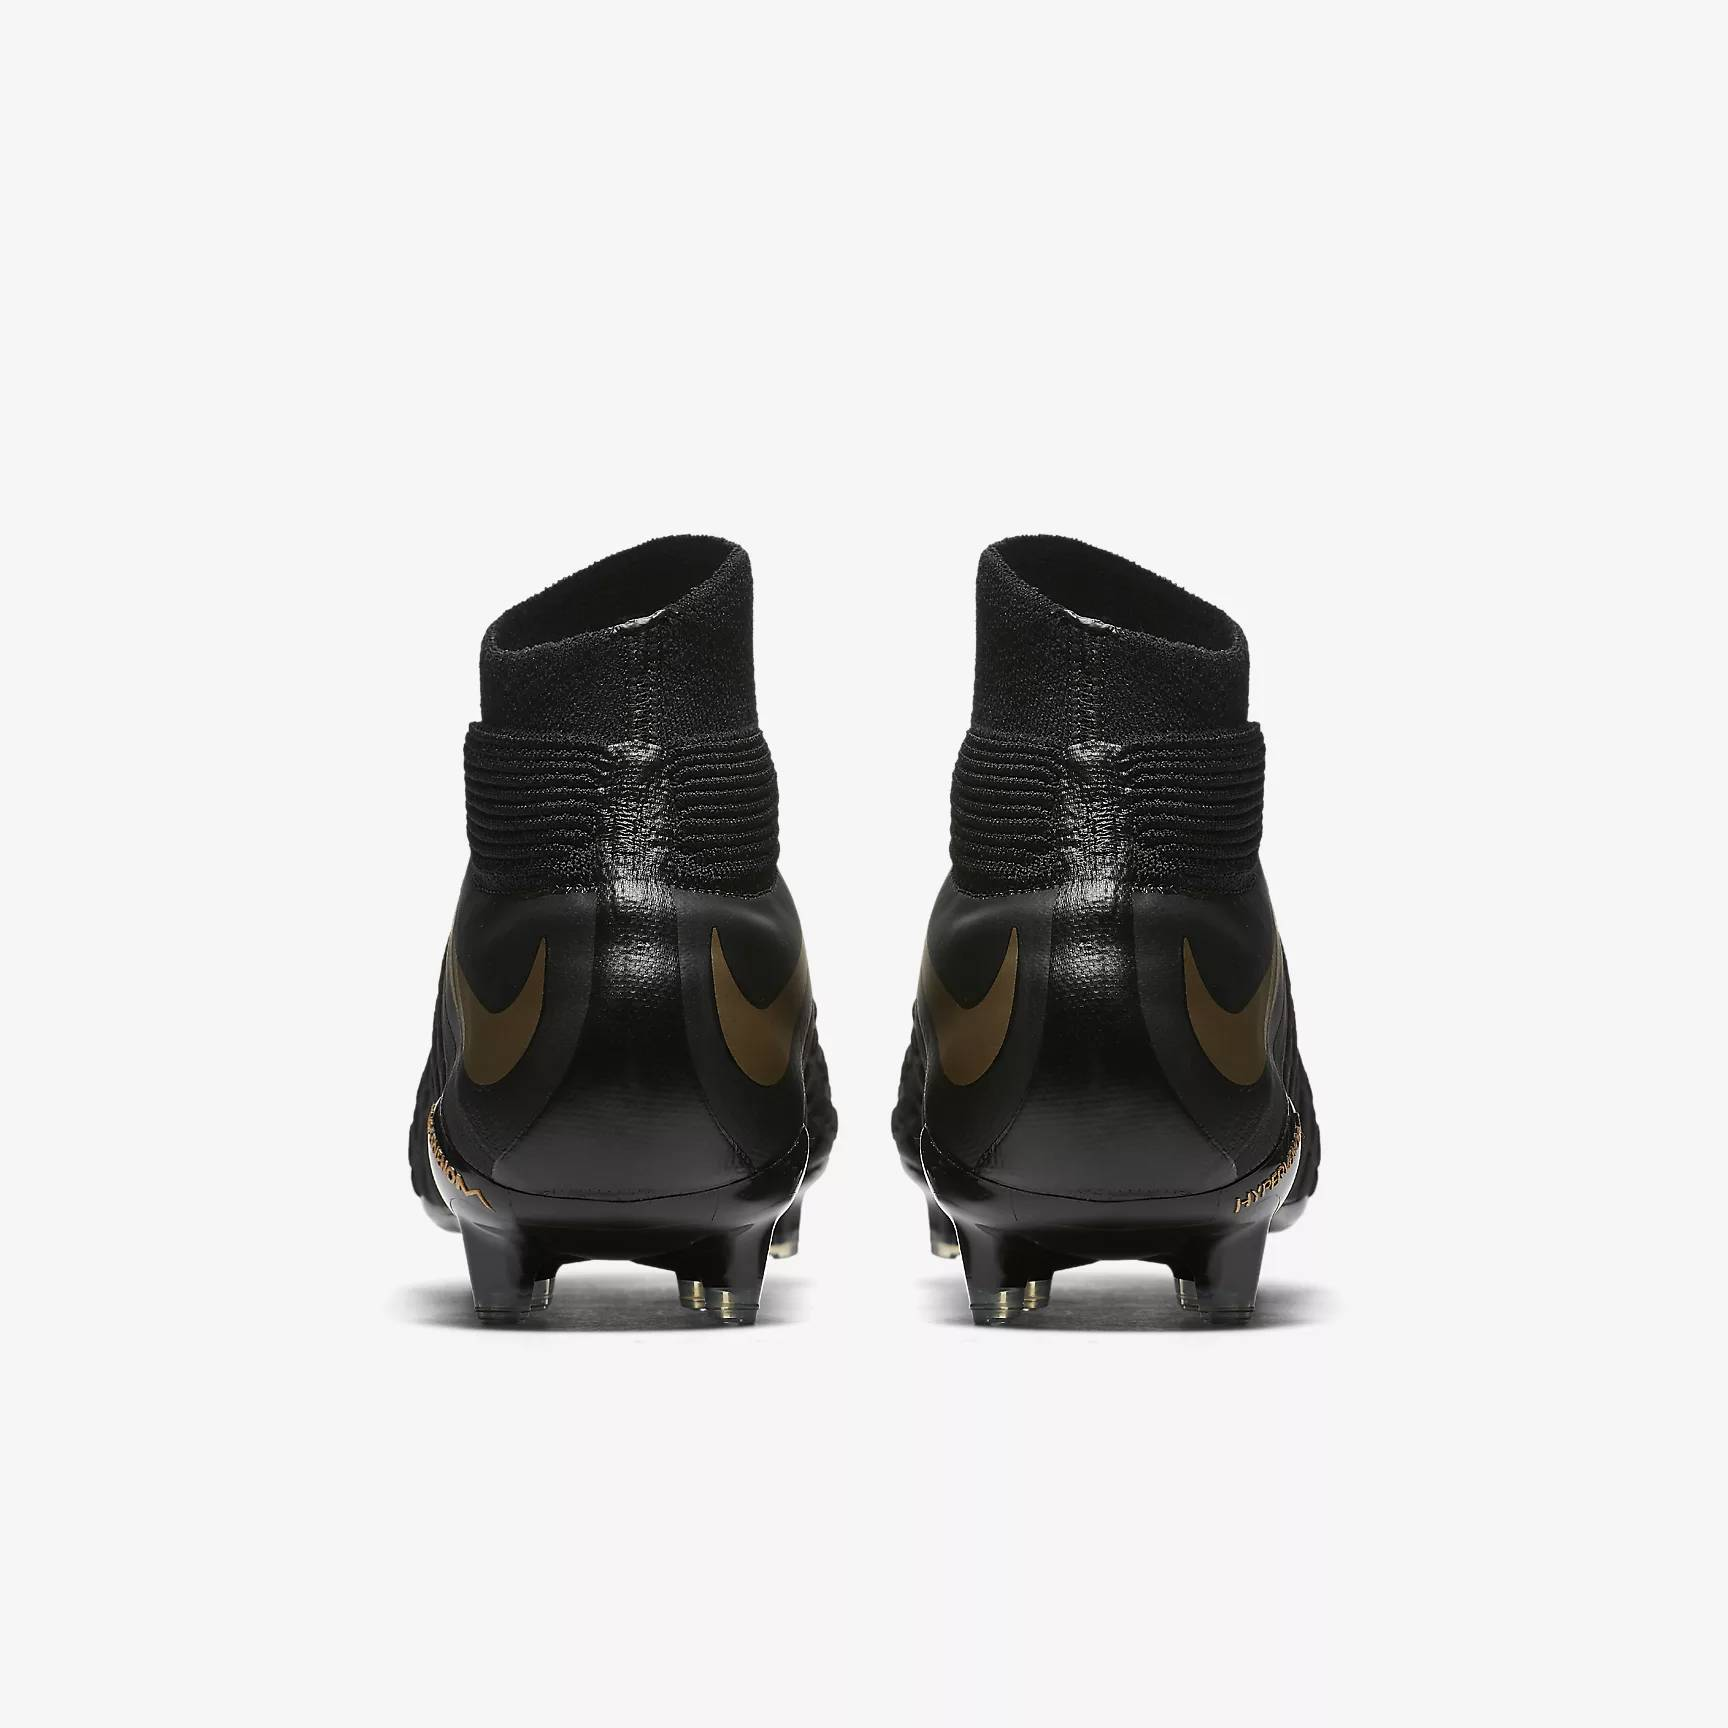 45664eb76e2c Nike Hypervenom Iii Elite Dynamic Fit Fg Gold